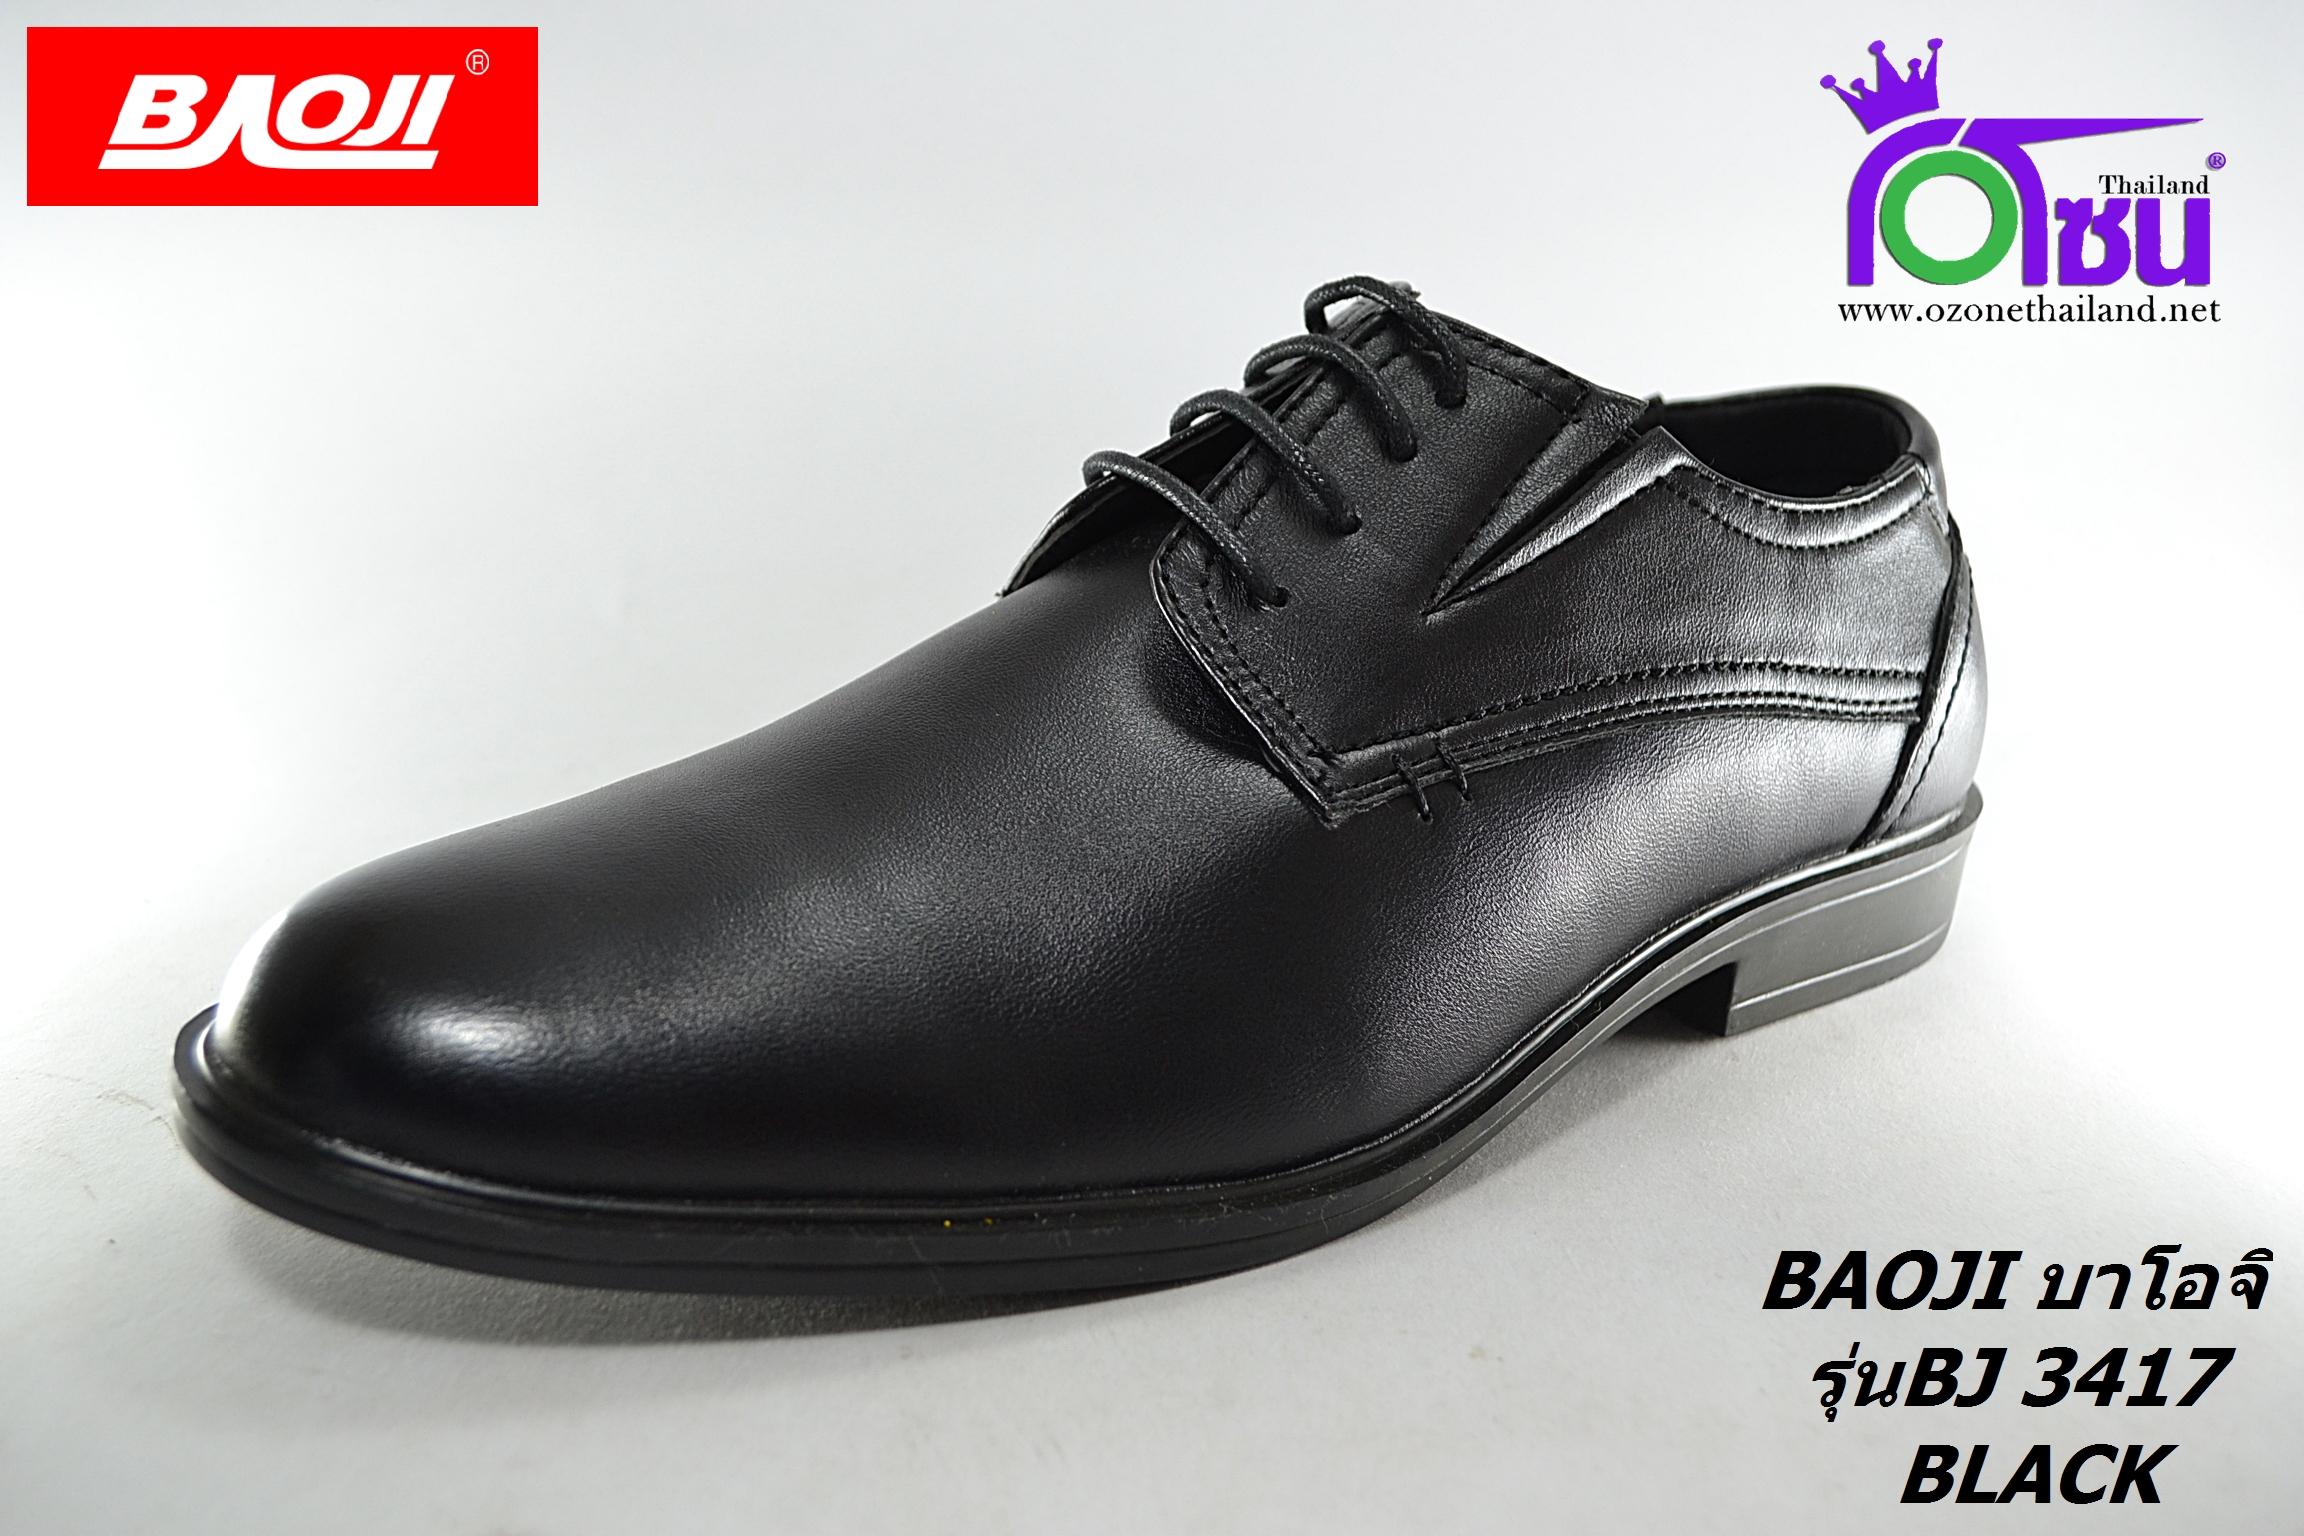 รองเท้าคัทชู Baoji บาโอจิ รหัส BJ3417 สีดำ เบอร์ 41-45